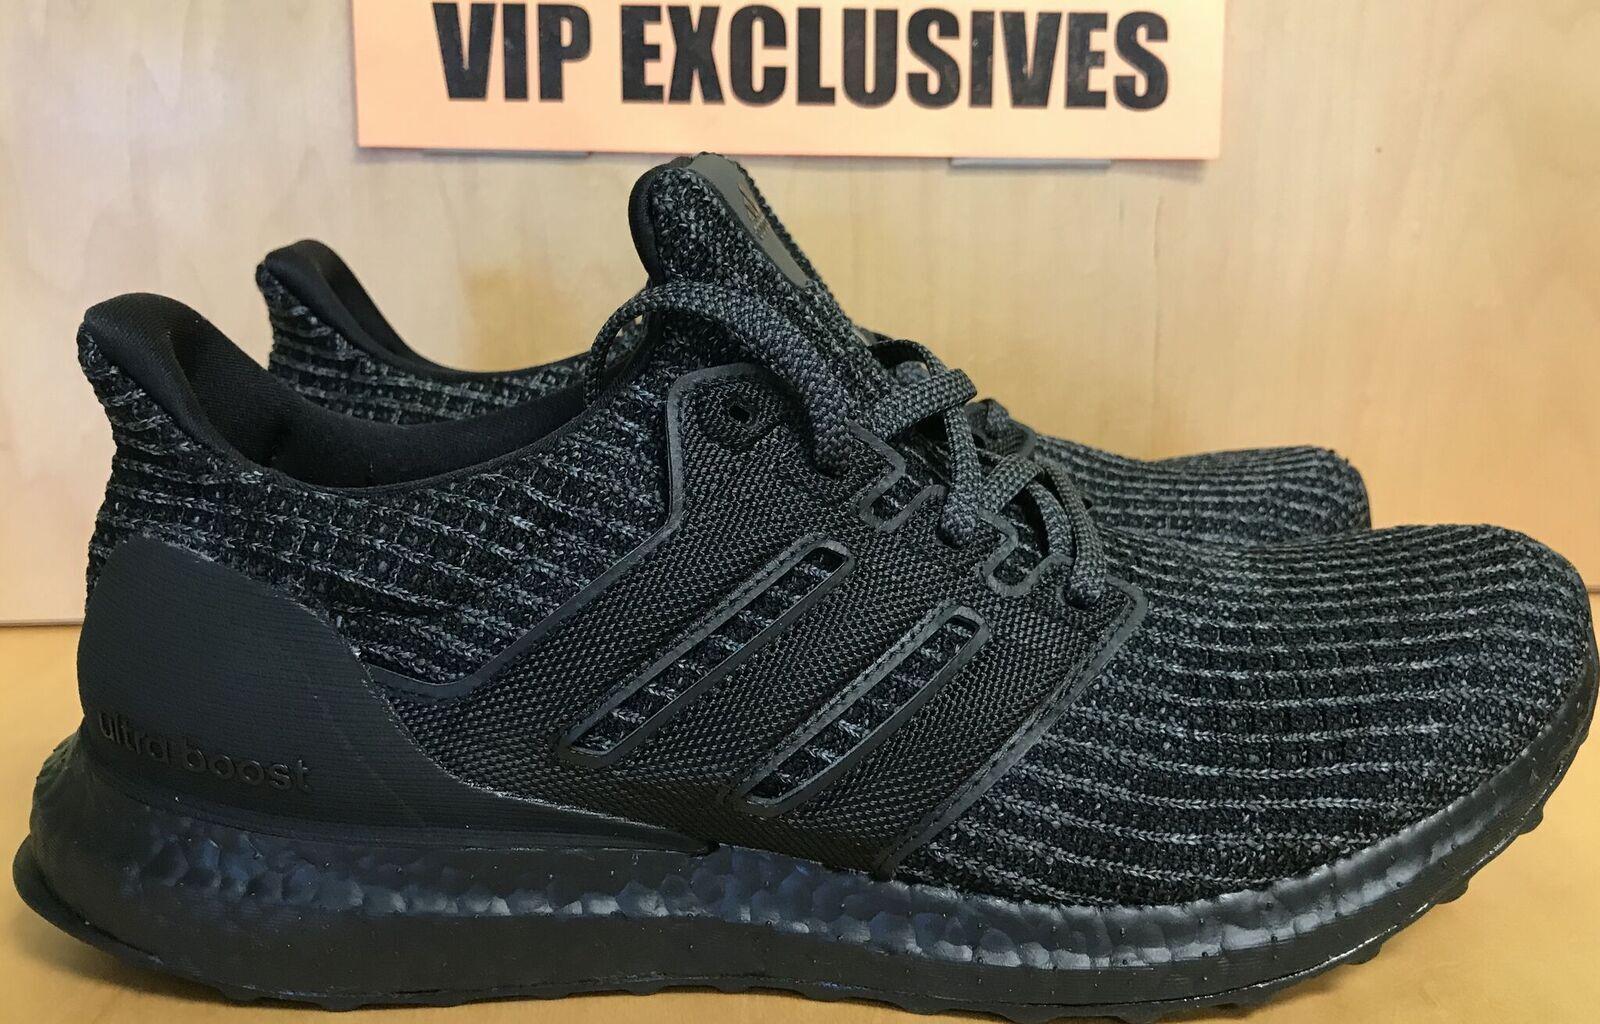 Adidas 4,0 ultra impulso 4,0 Adidas triplo nero bb6171 ultraboost dimensioni 8 - 9 in mano 887e1e